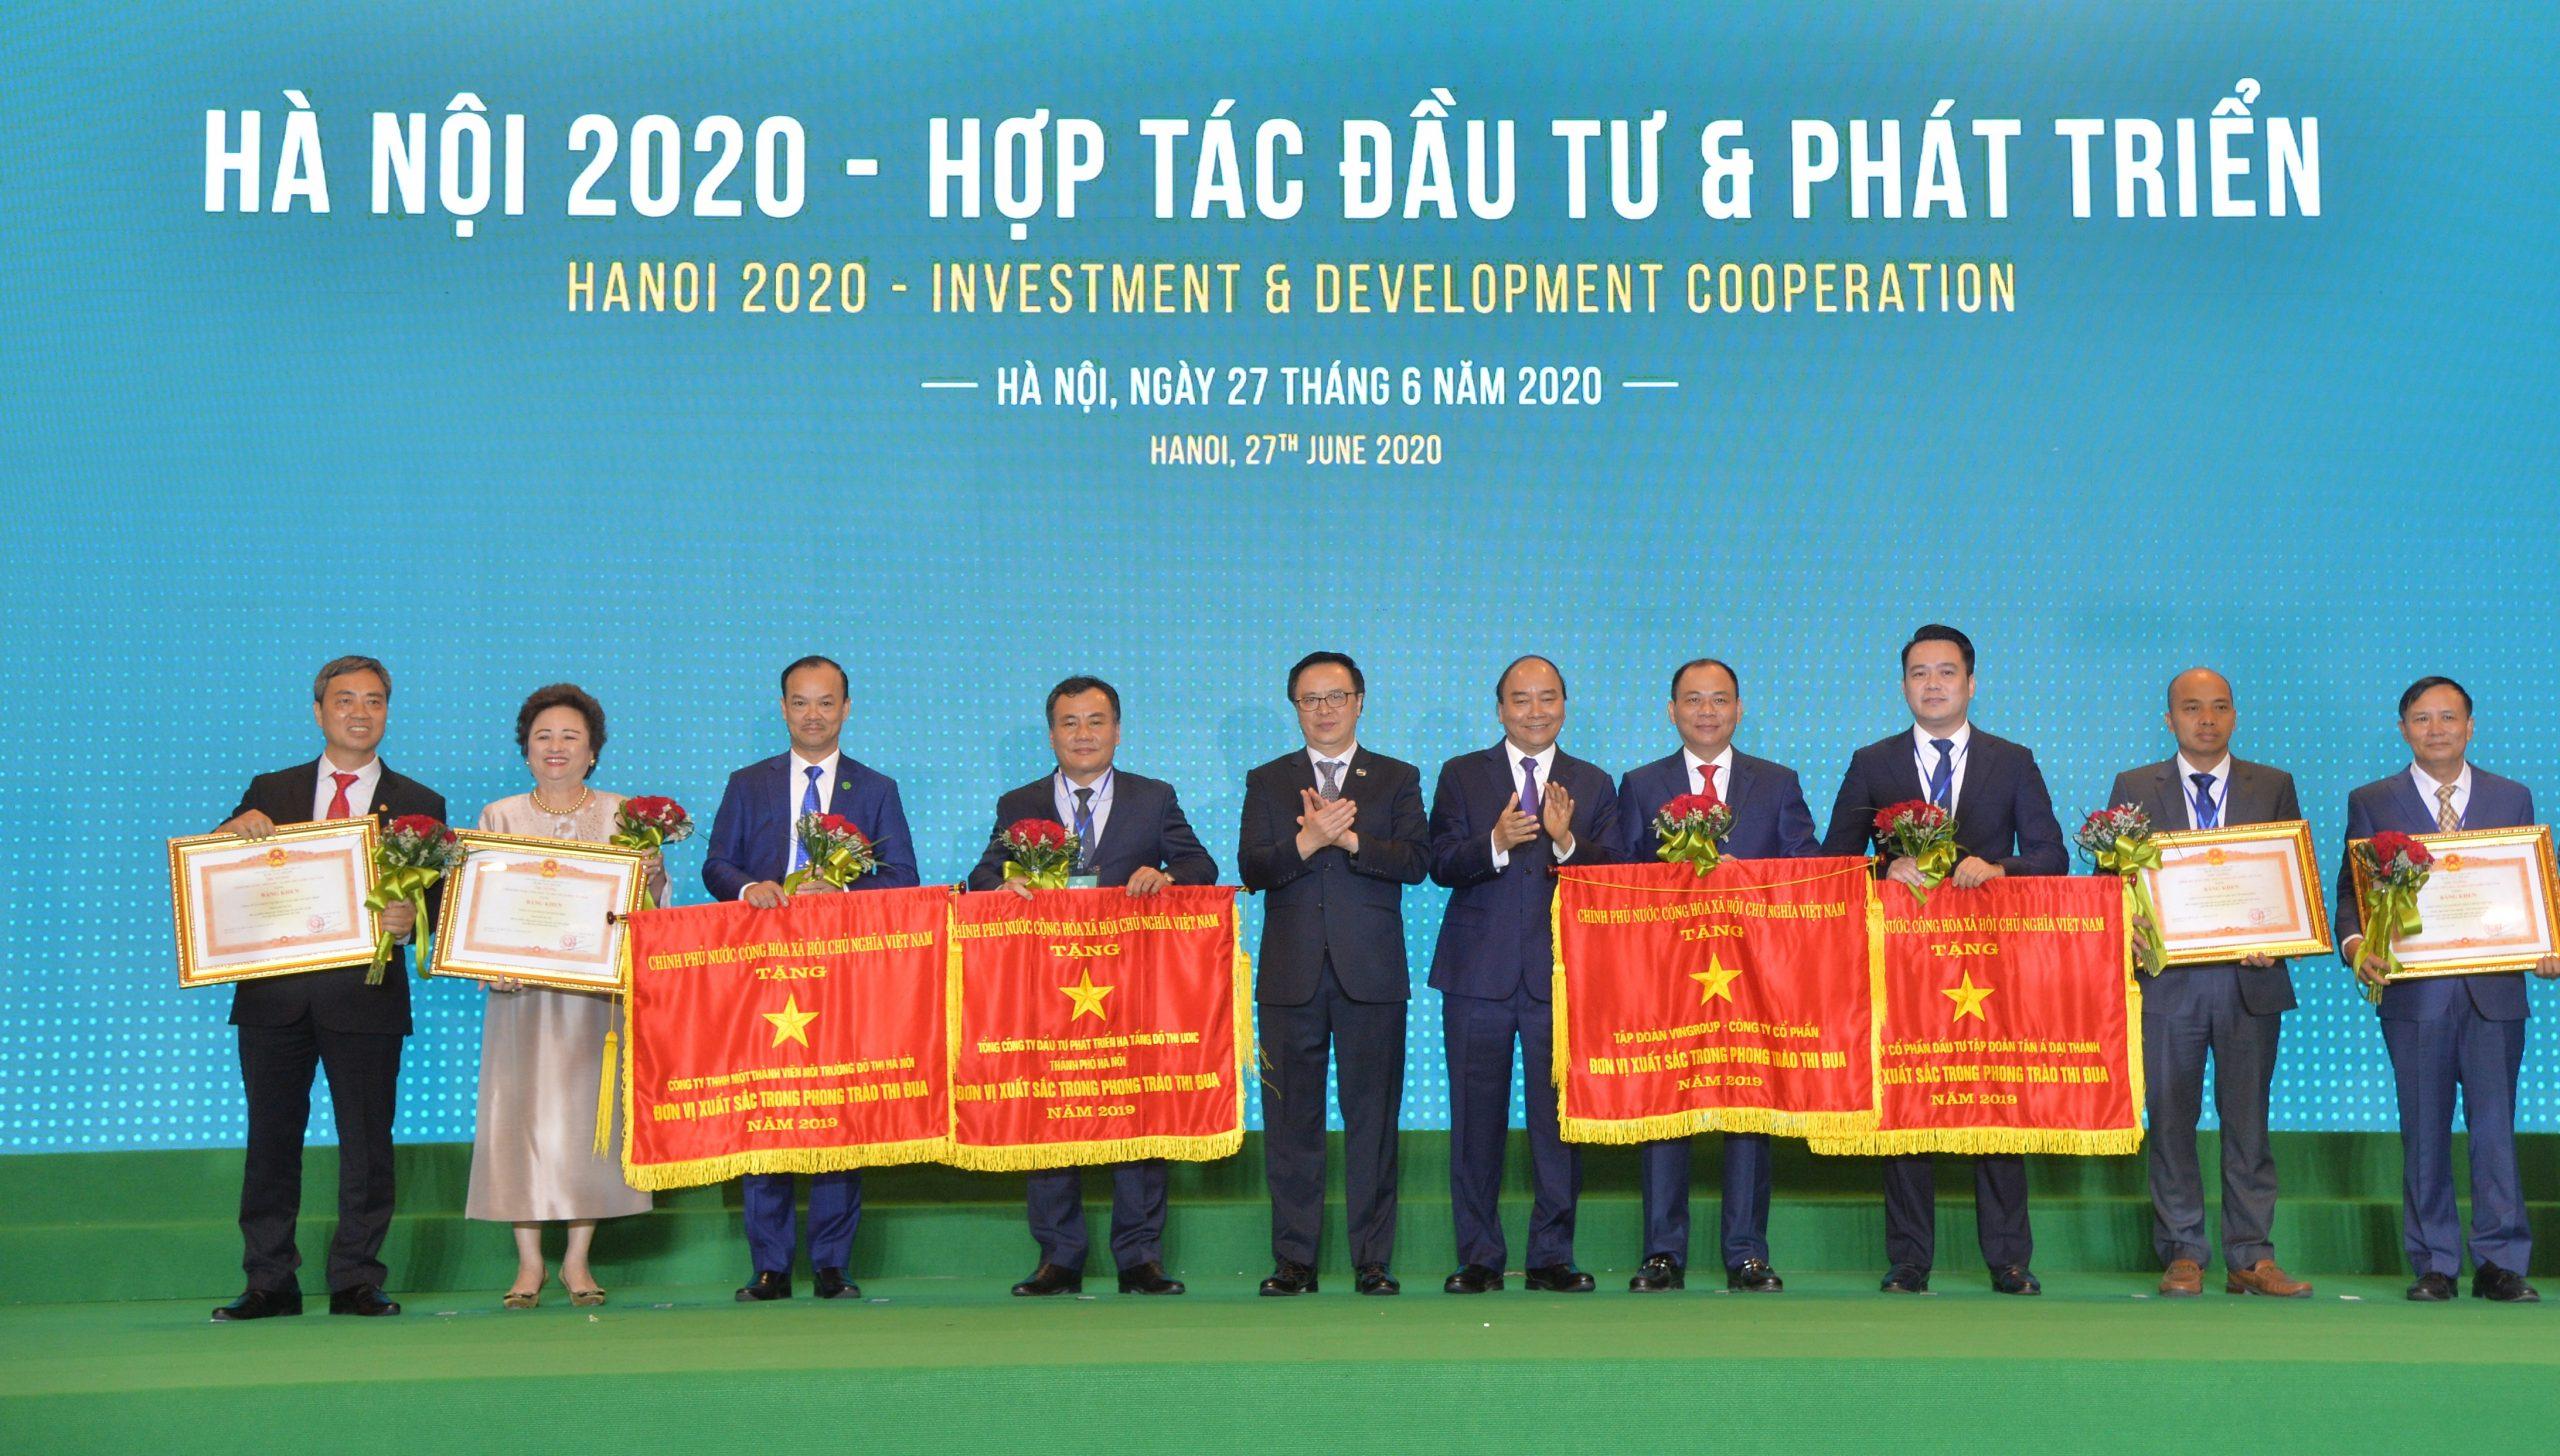 Tân Á Đại Thành vinh dự được nhận Cờ thi đua của Thủ tướng Chính phủ